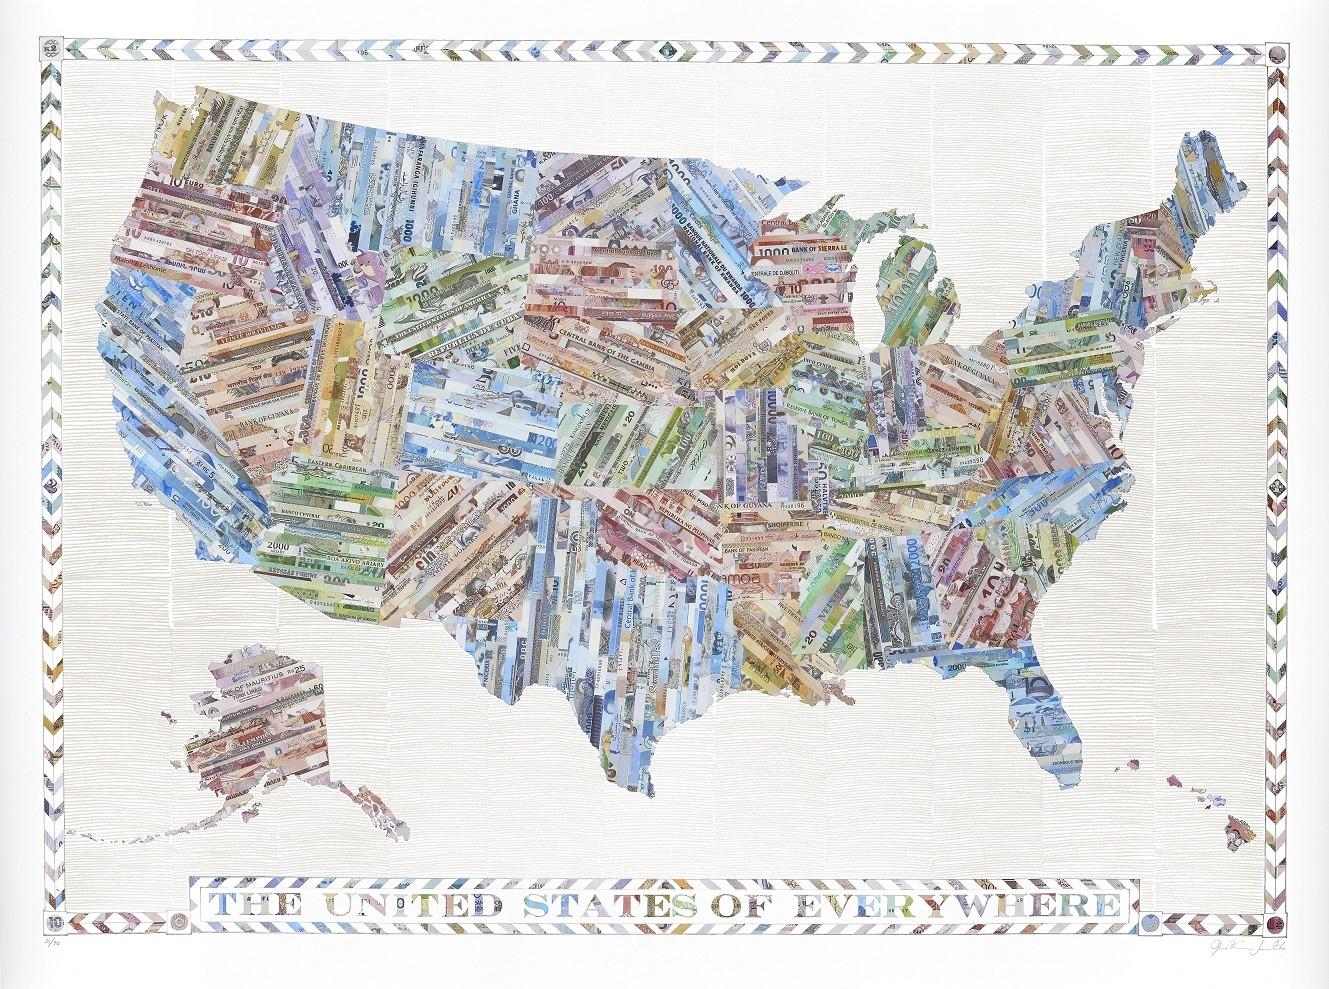 Mappa degli Stati Uniti realizzata con i biglietti di Justine Smith